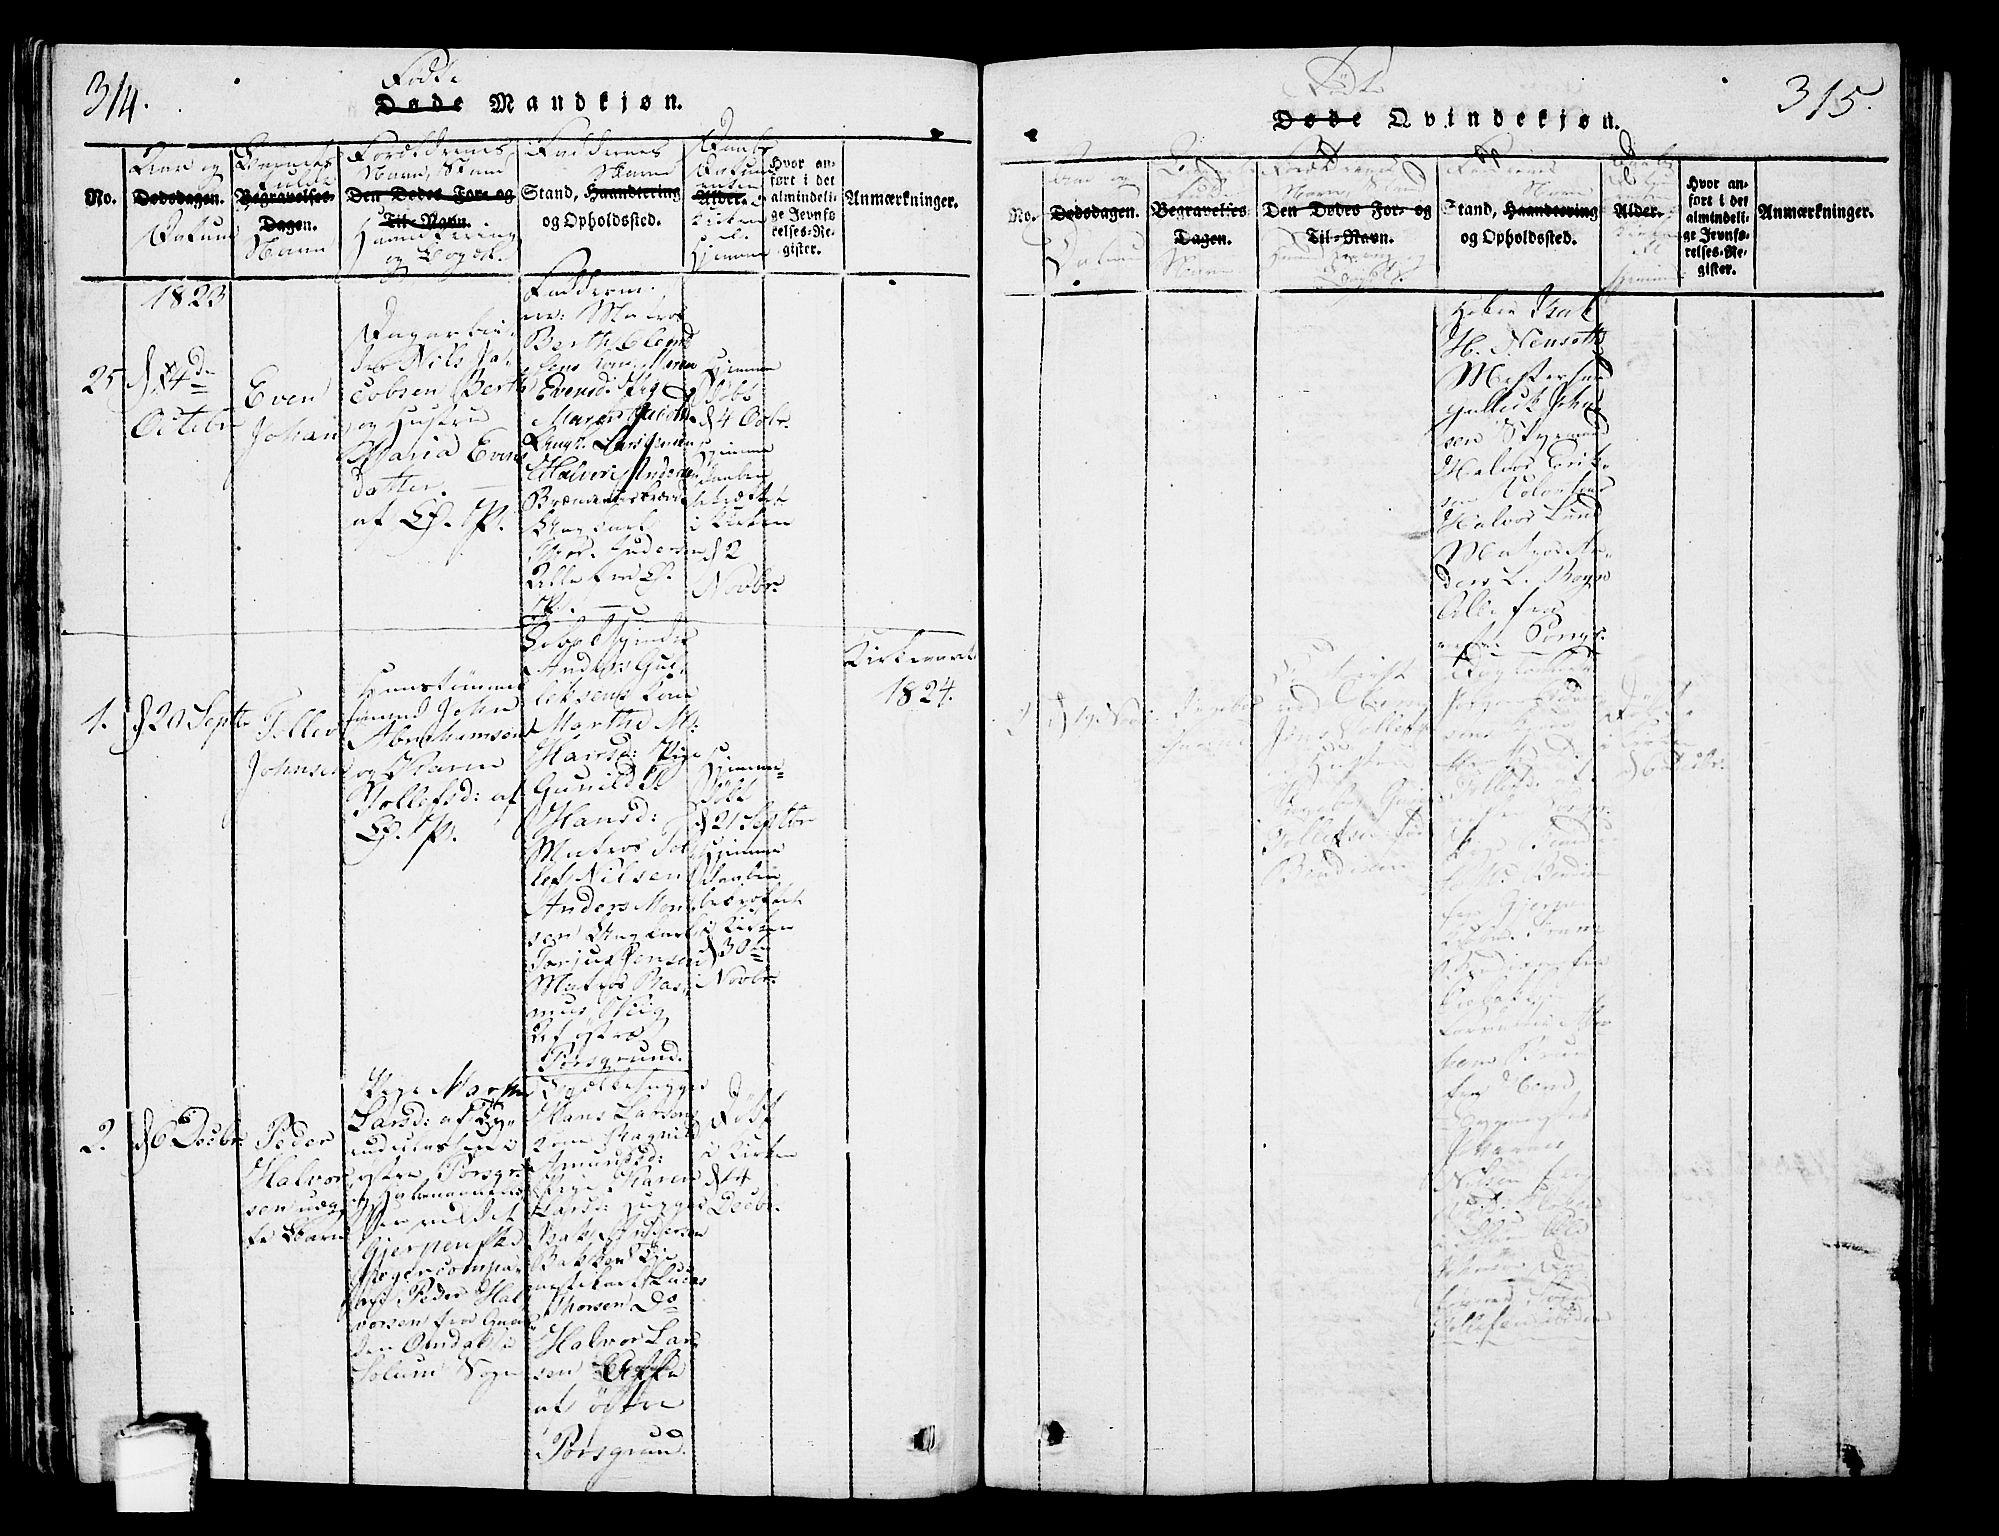 SAKO, Porsgrunn kirkebøker , G/Gb/L0001: Klokkerbok nr. II 1, 1817-1828, s. 314-315